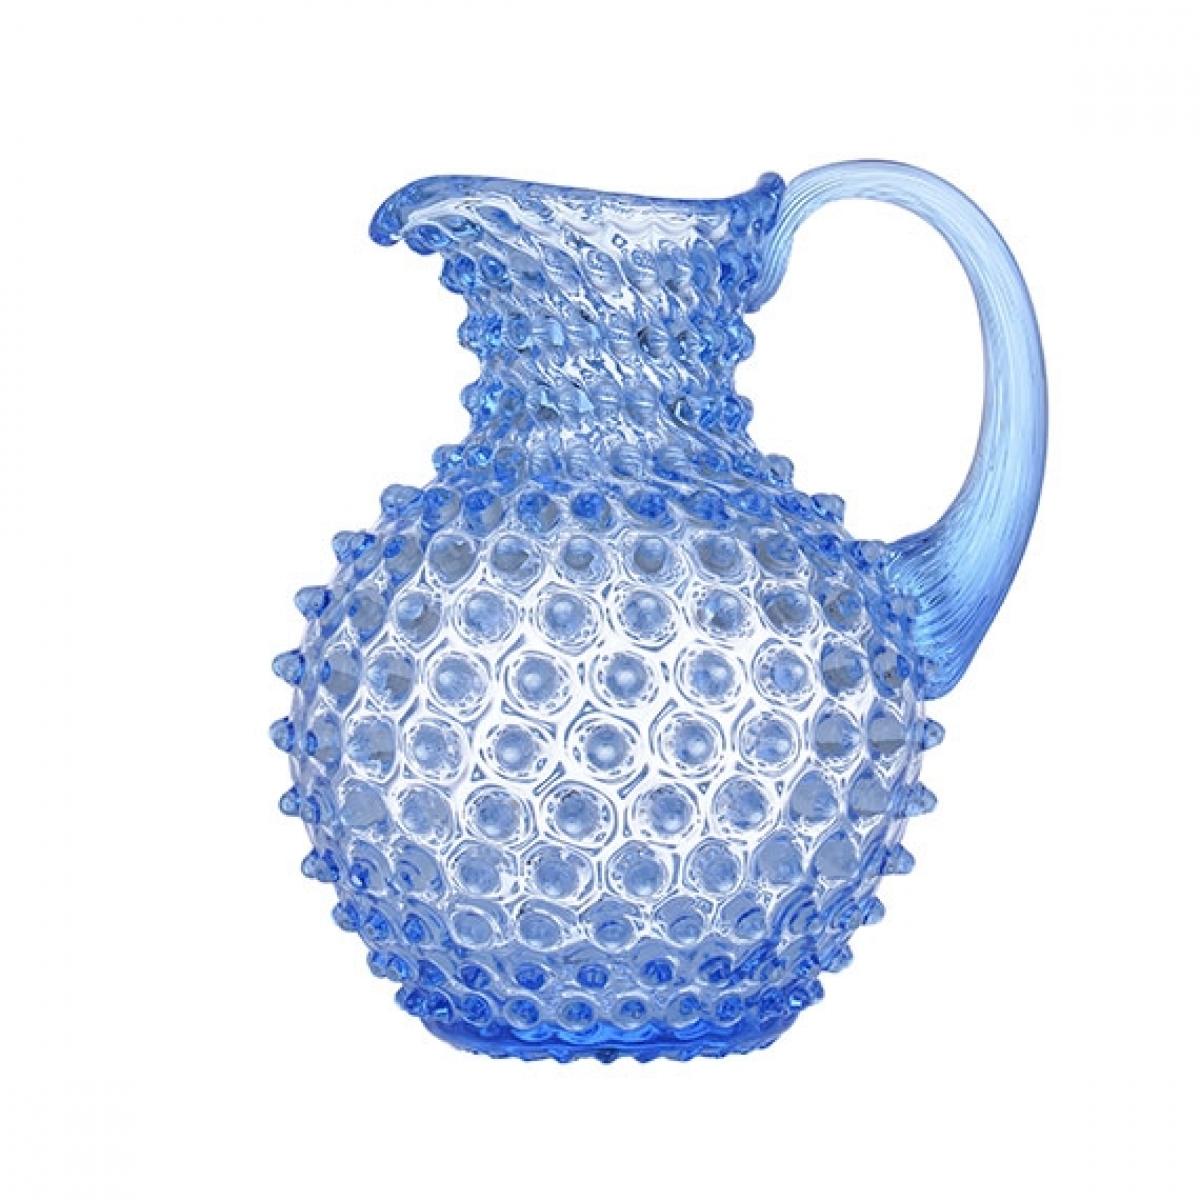 Jarra Abacaxi Cristal Azul Celeste 2L